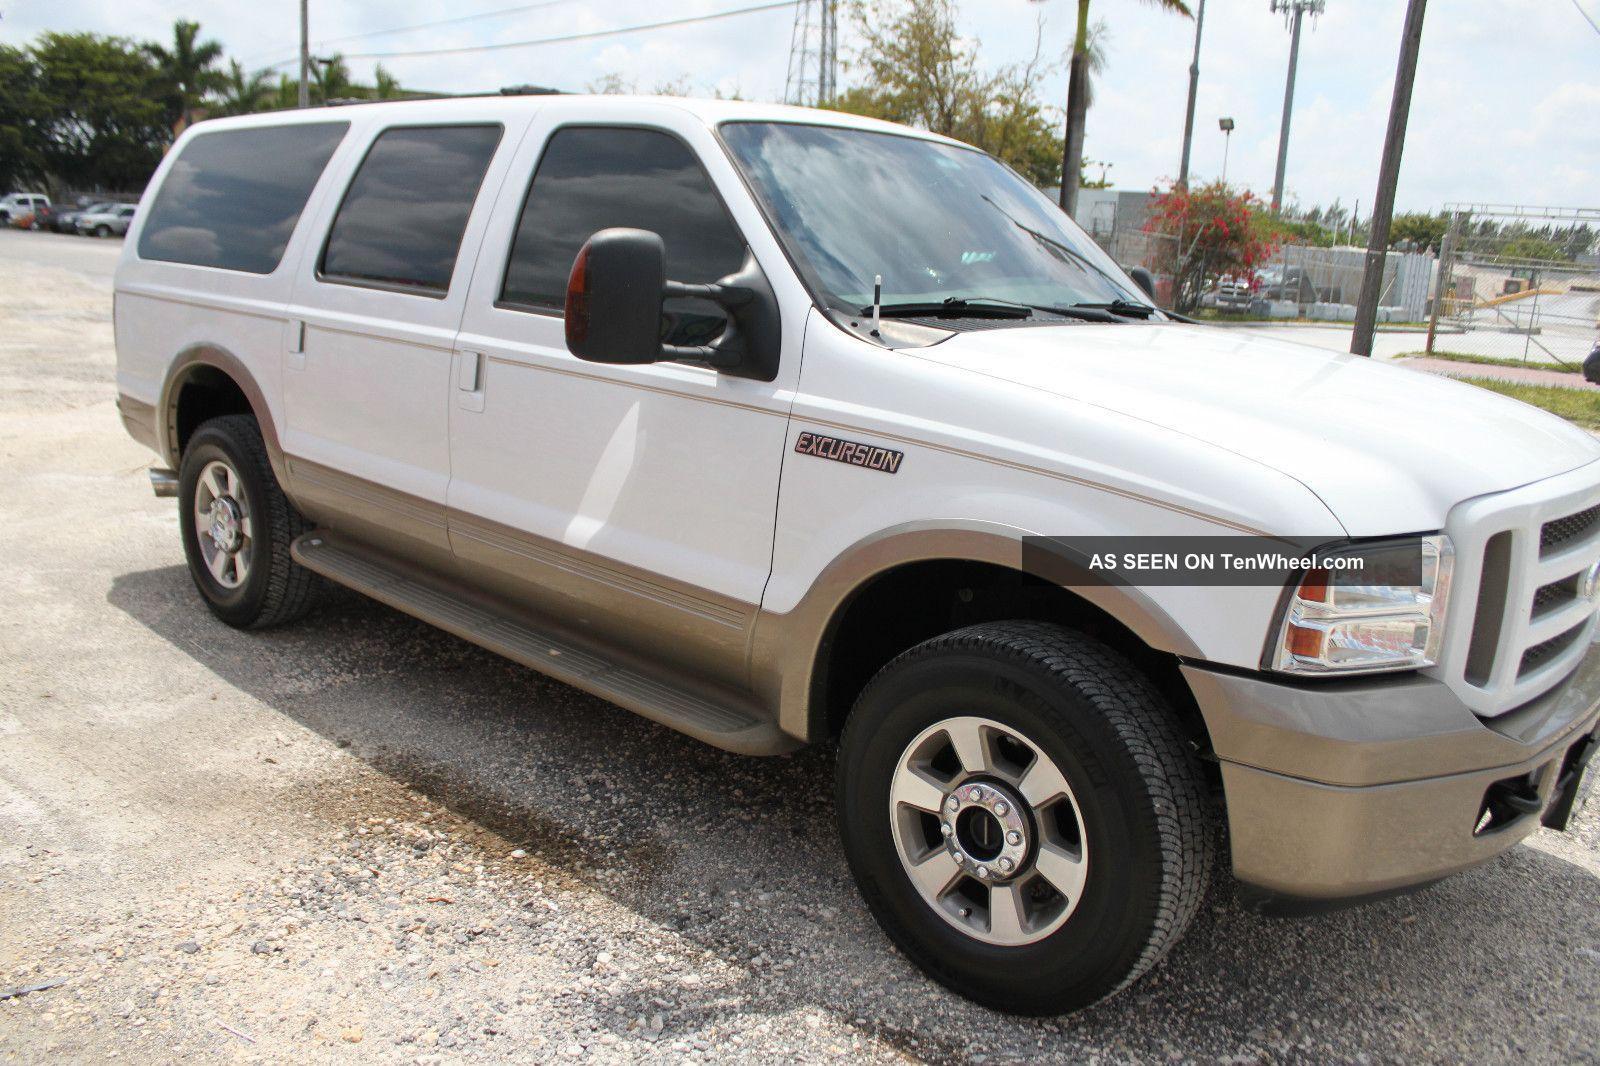 2005 Ford Excursion Eddie Bauer Edition 6 0l Turbo Diesel 4wd Interior